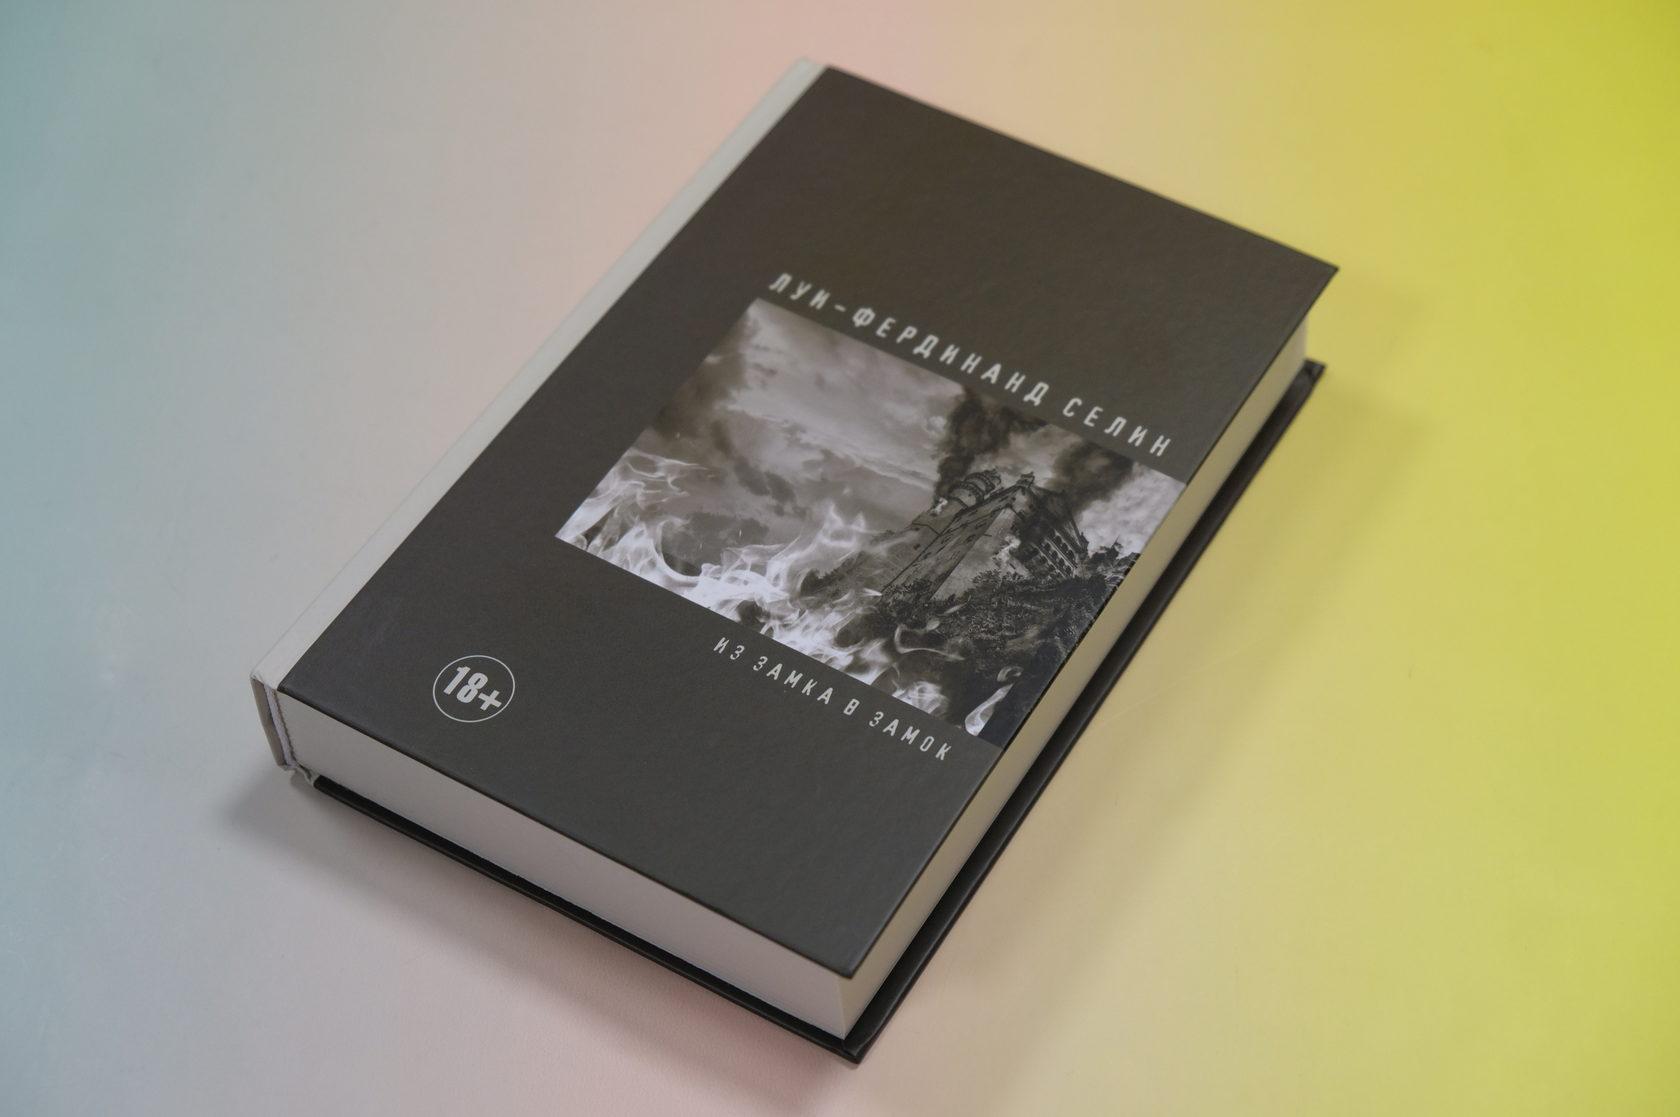 Купить книгу Луи-Фердинанд Селин «Из замка в замок» 978-5-17-117141-4